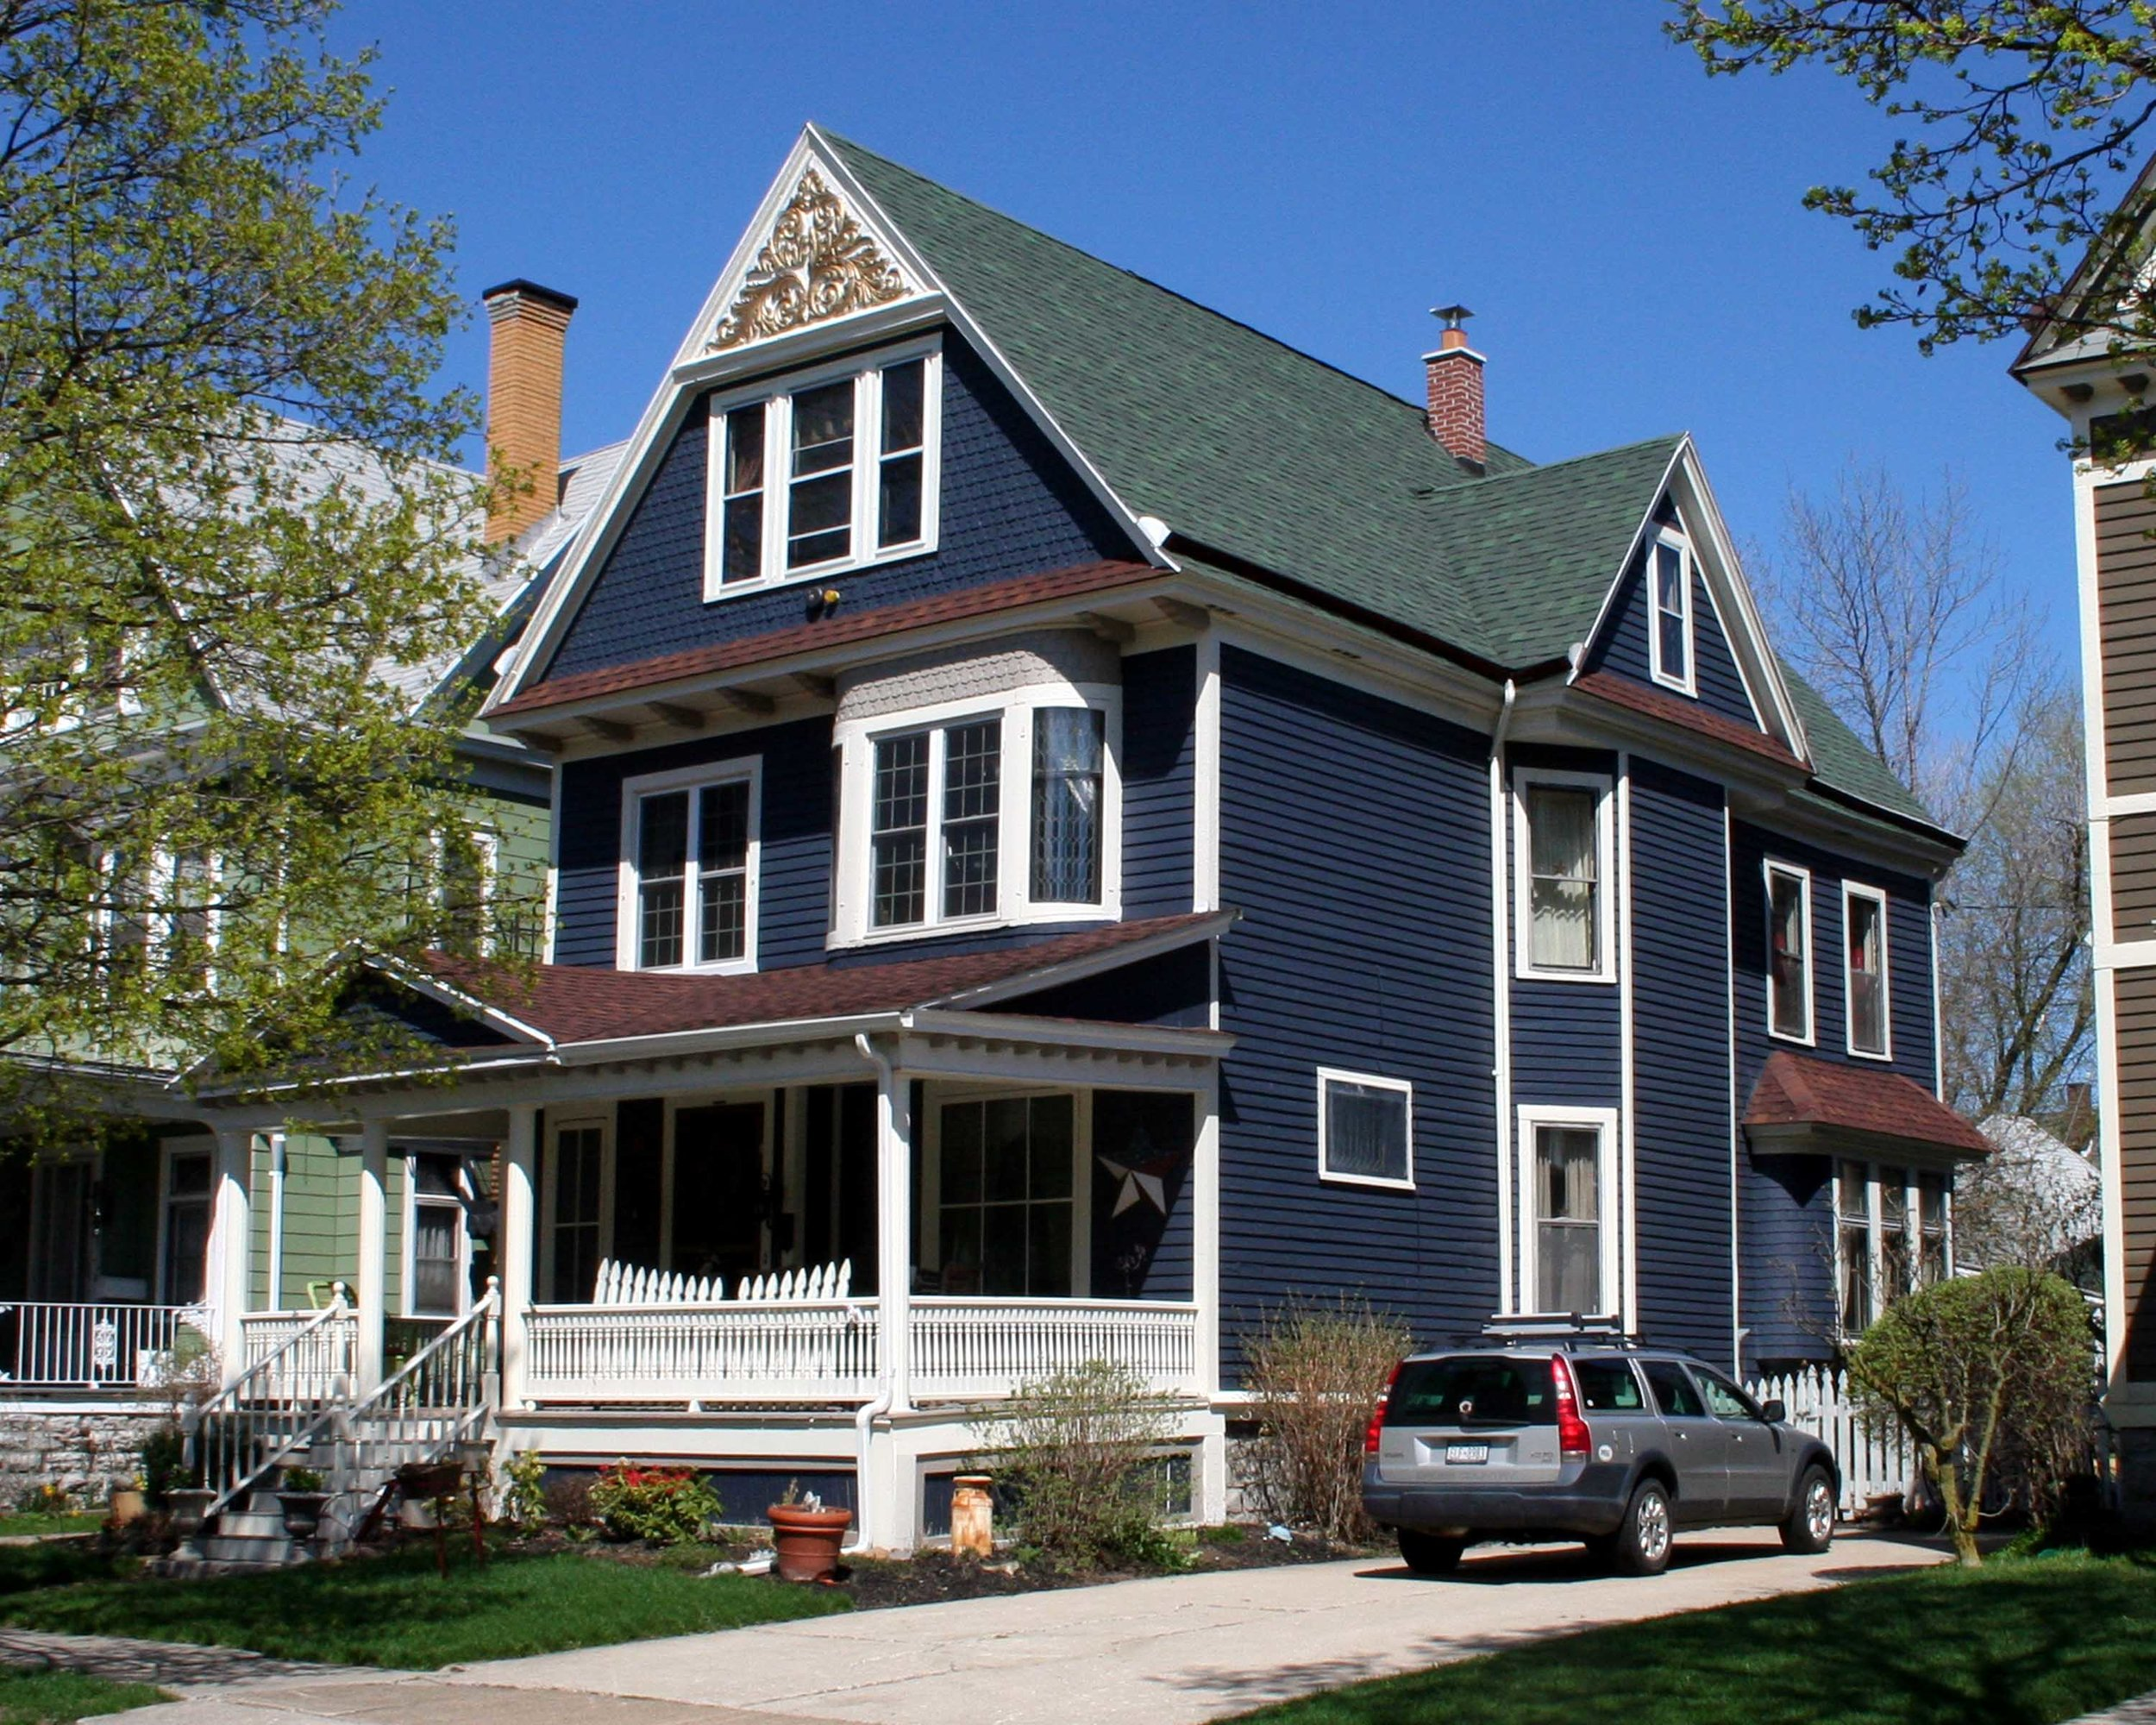 Elmwood West neighborhood of Buffalo